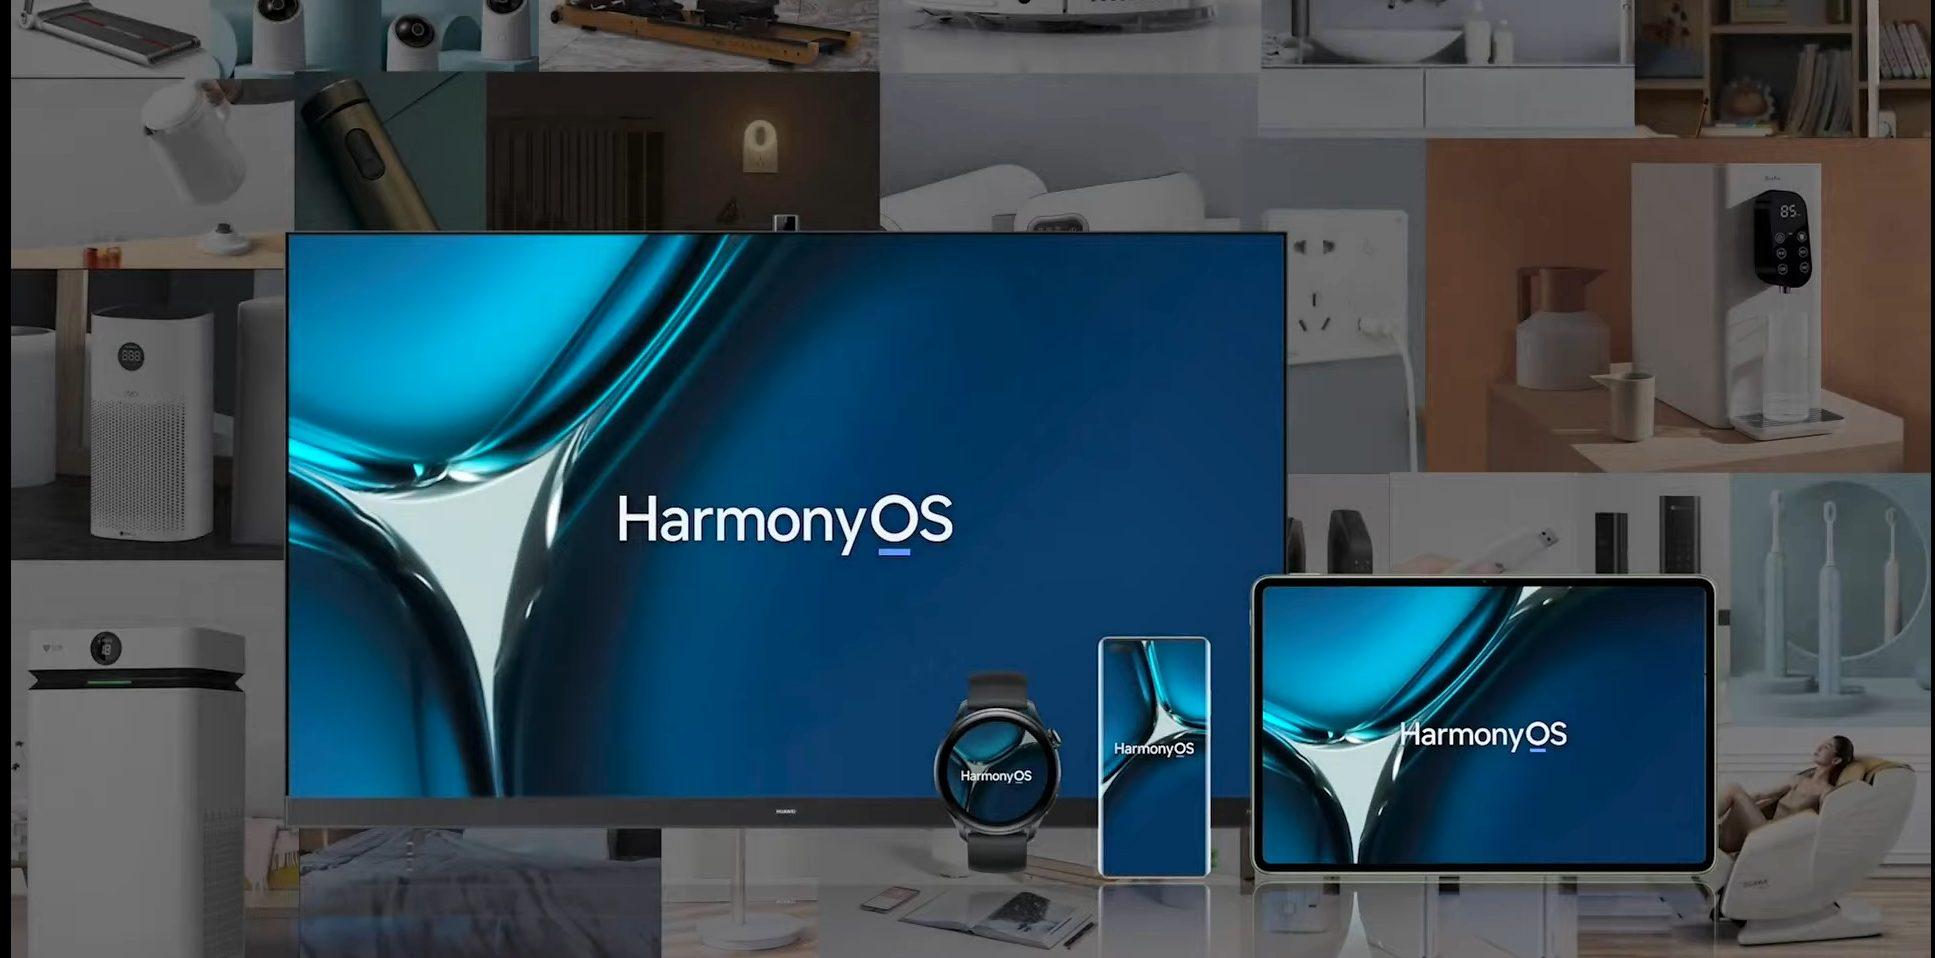 HarmonyOS oficiálně: nový operační systém určený pro multiplatformní užití